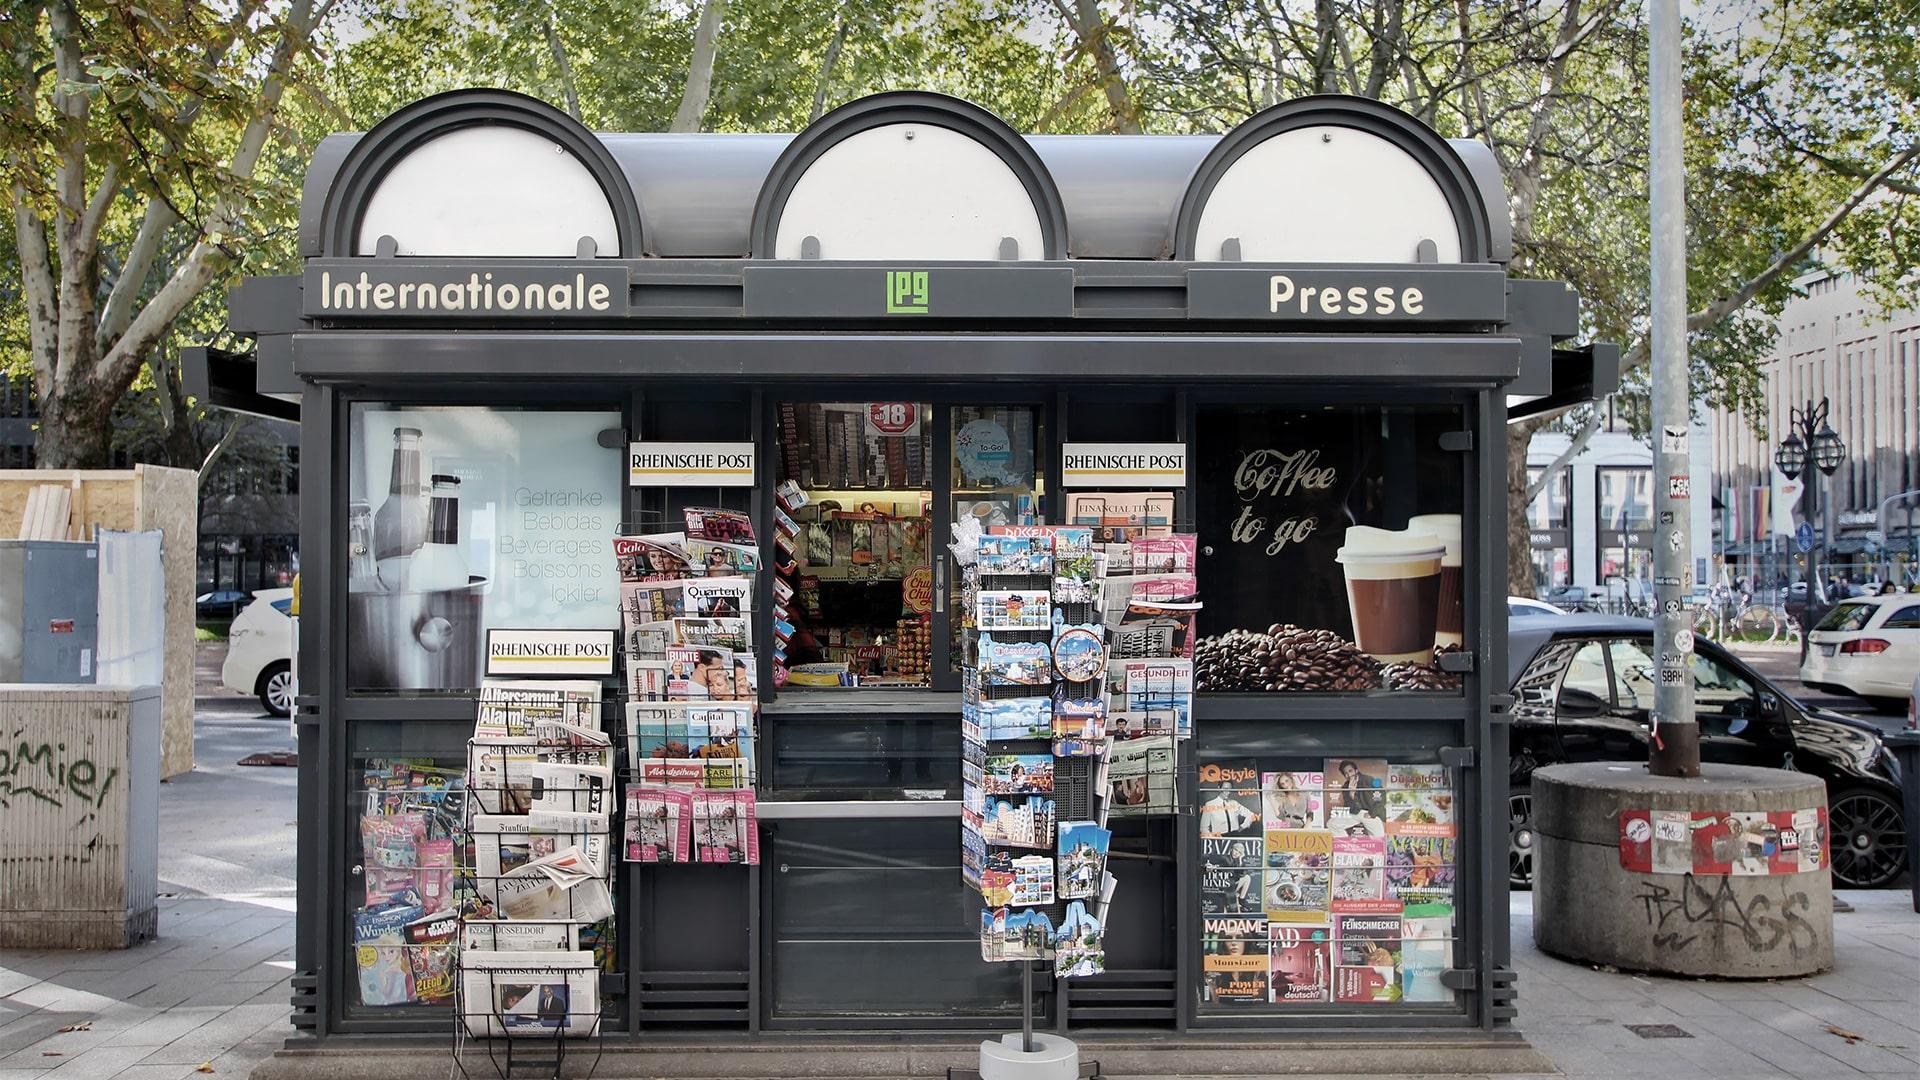 Büdchen, Trinkhallen, Kioske: Außergewöhnliche Konzepte deutscher Kioskkultur